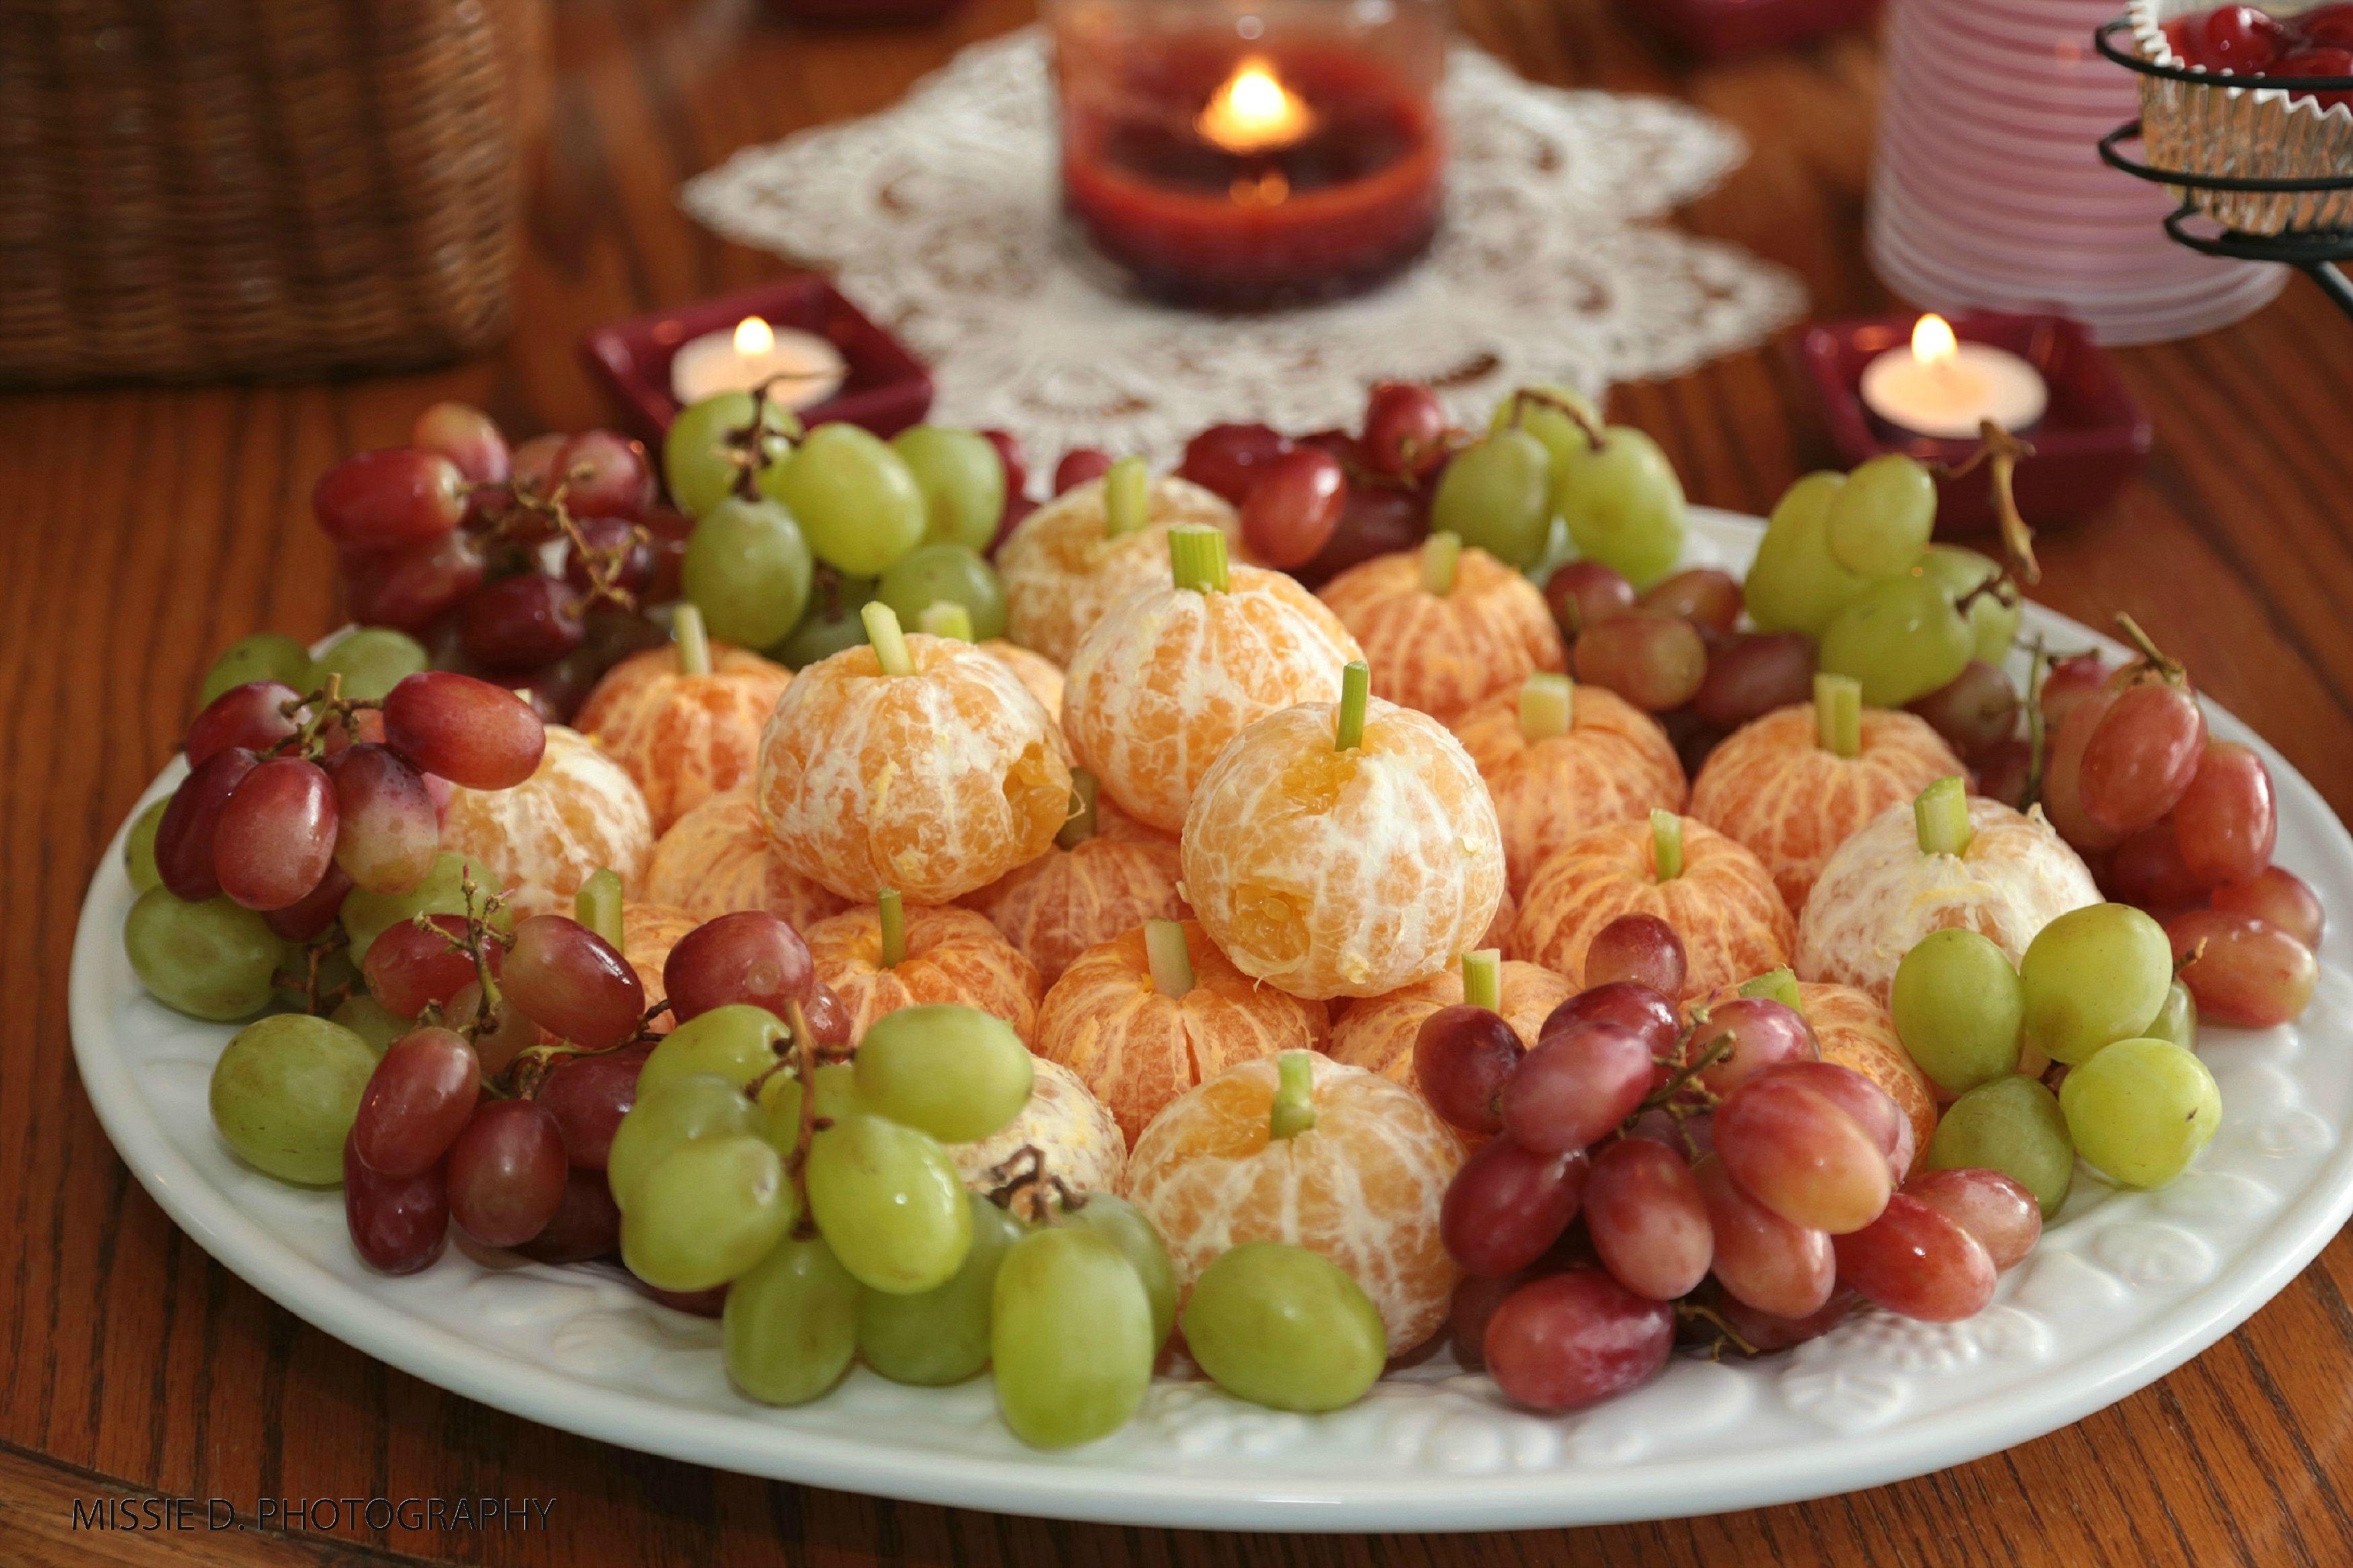 Autumn fruit tray | Food | Pinterest